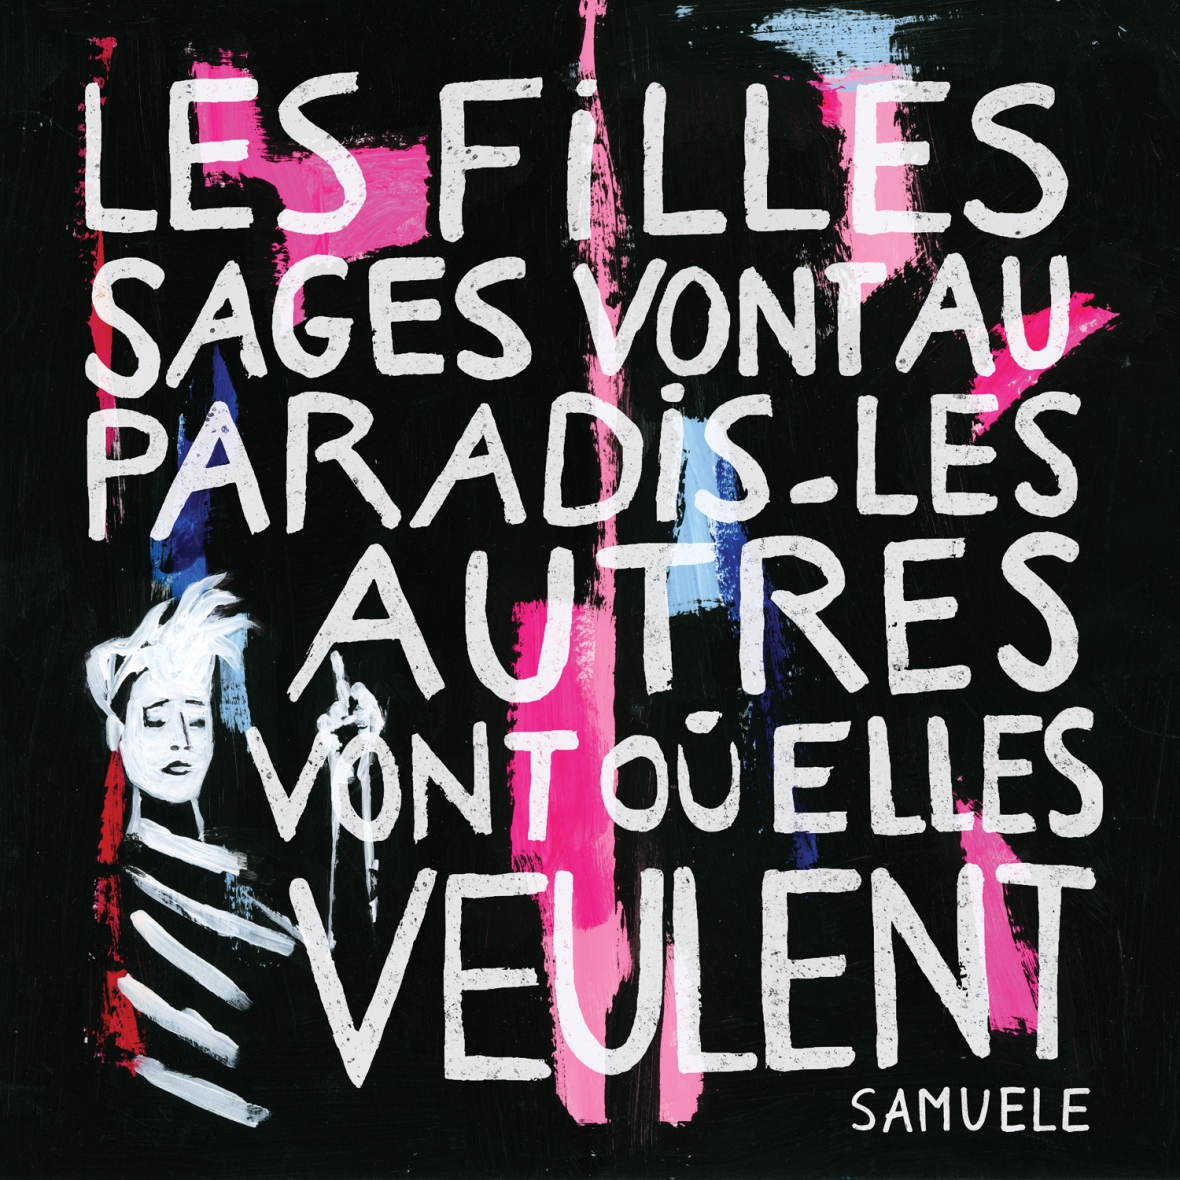 Samuele, Les filles sages vont au paradis. les autres vont où elles veulent.